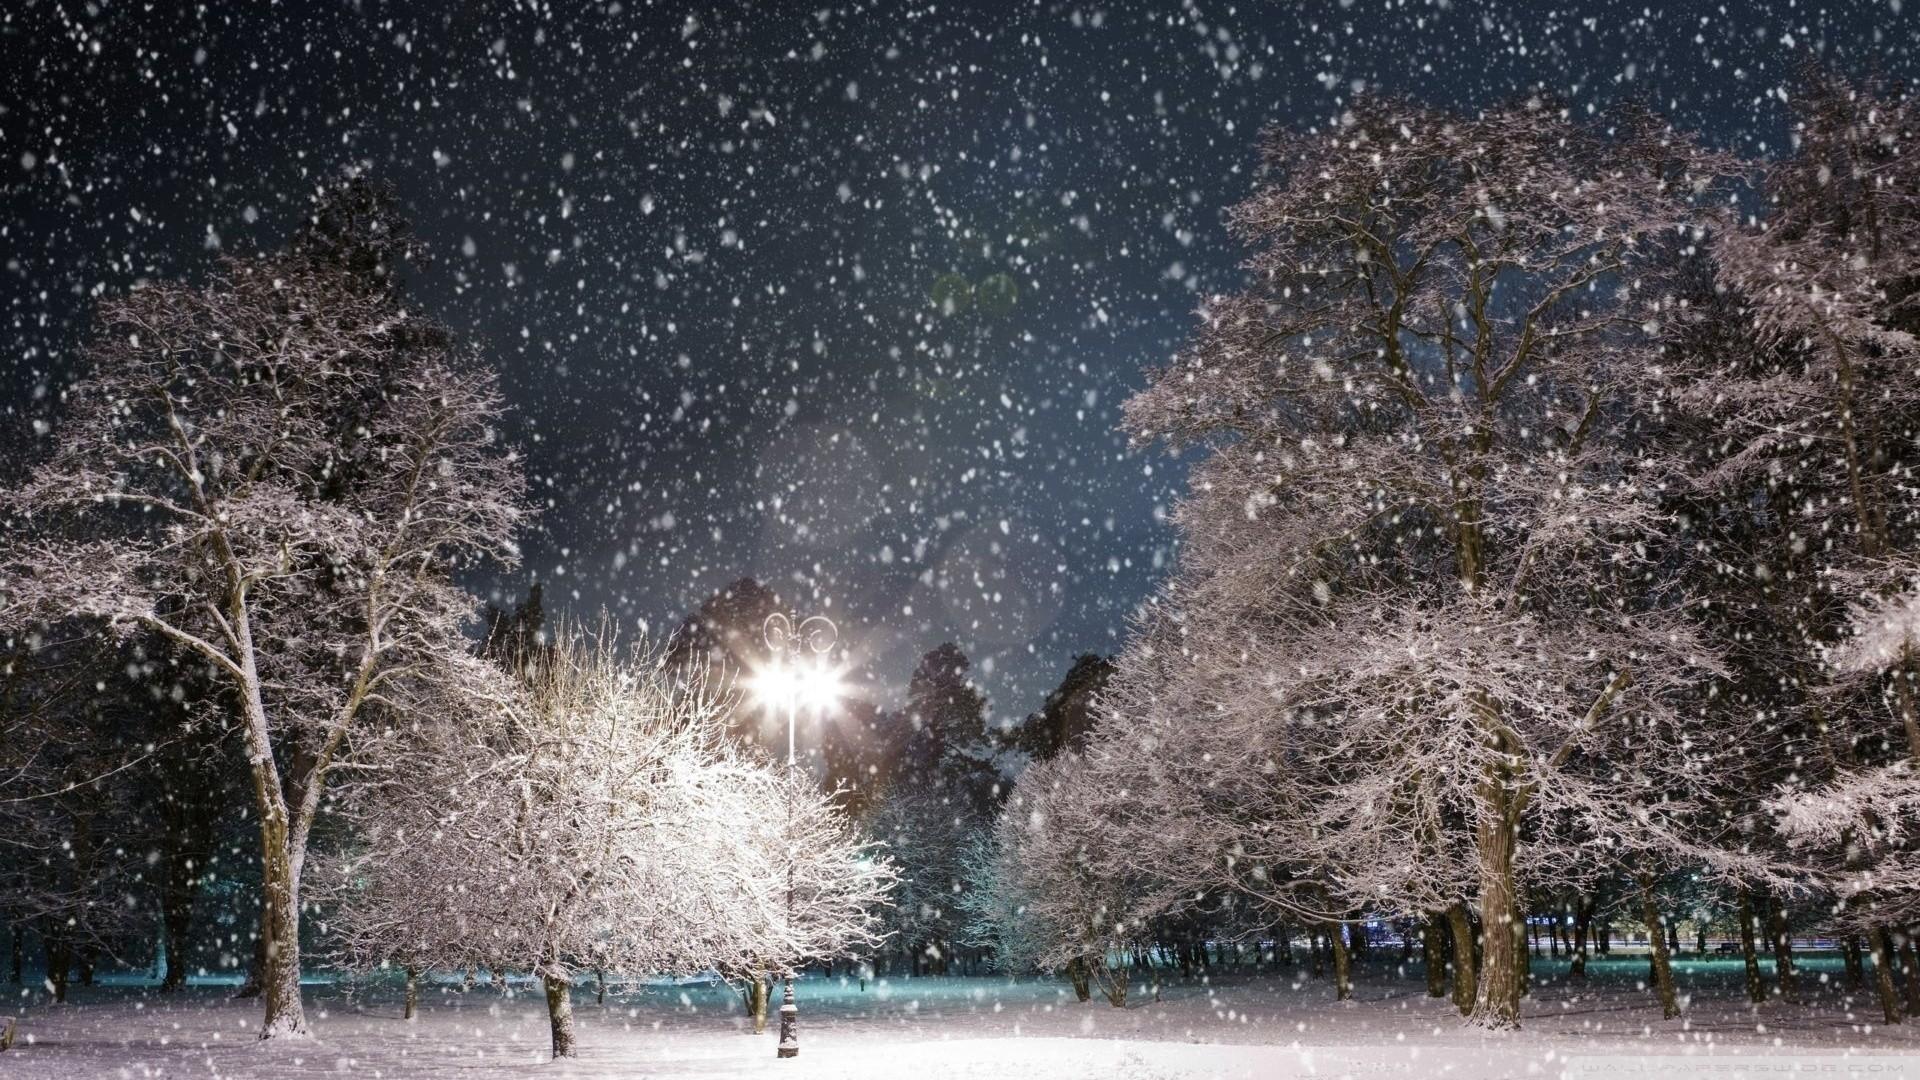 Snowy hd desktop wallpaper